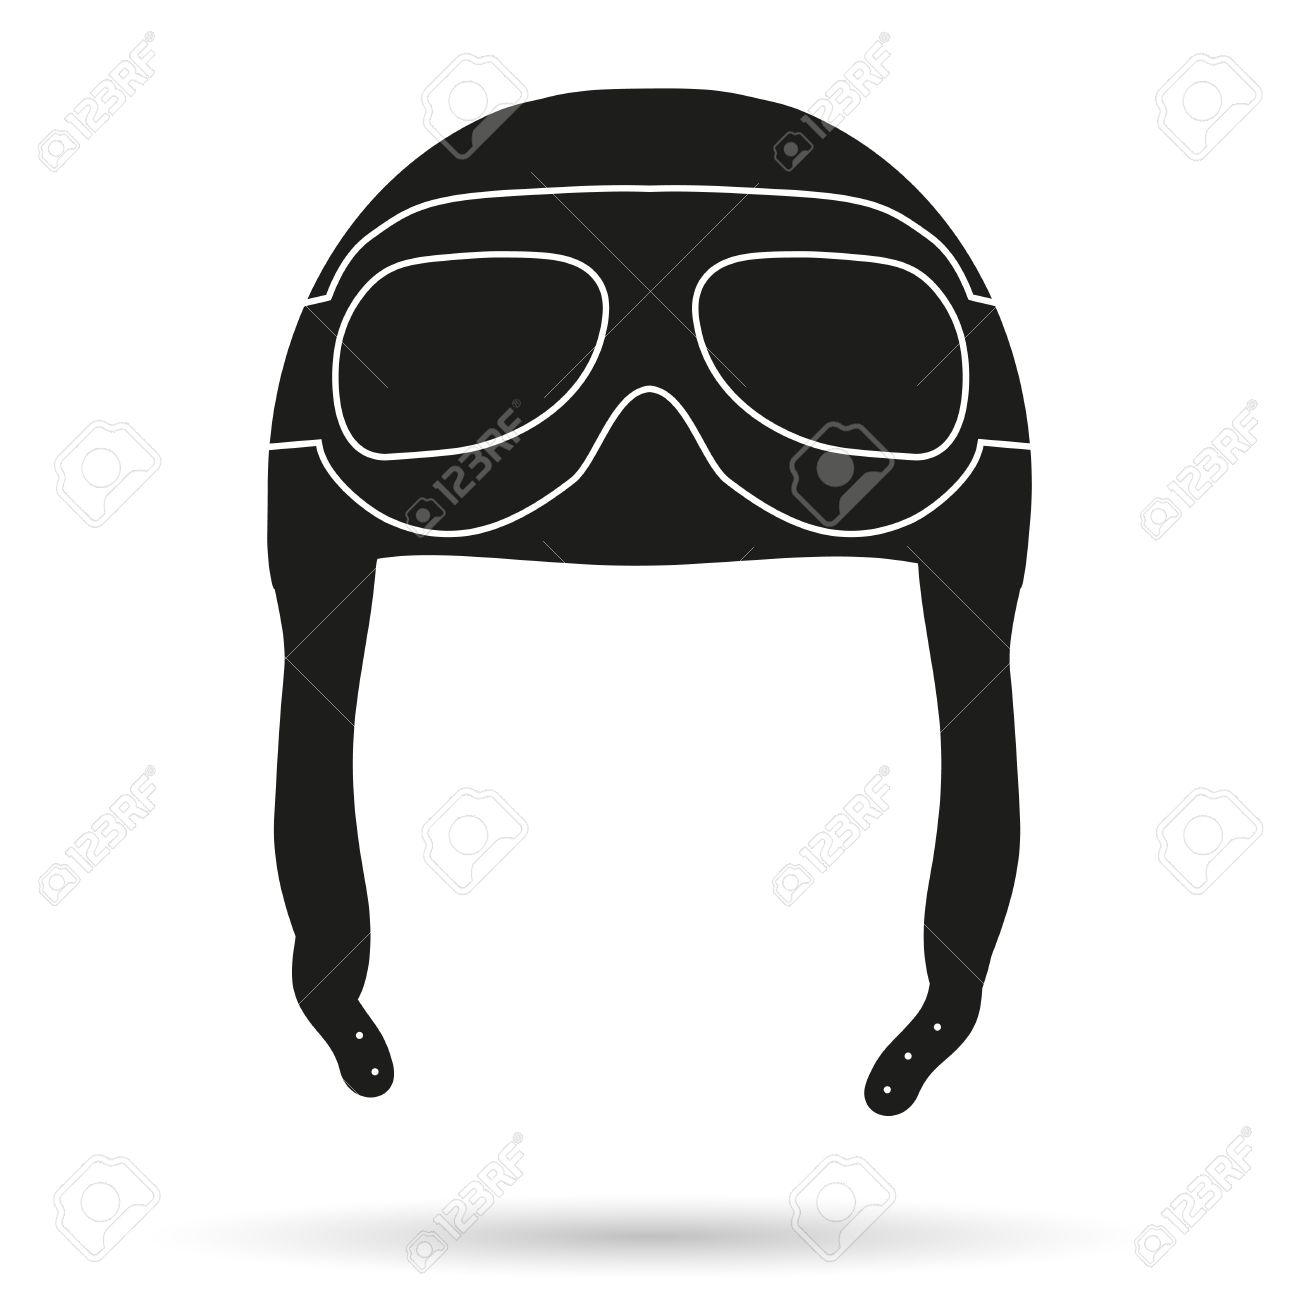 b8f3d8ff2ea547 Silhouet symbool van Retro vliegenier piloot leder helm met bril. Illustratie  geïsoleerd op wit Stockfoto